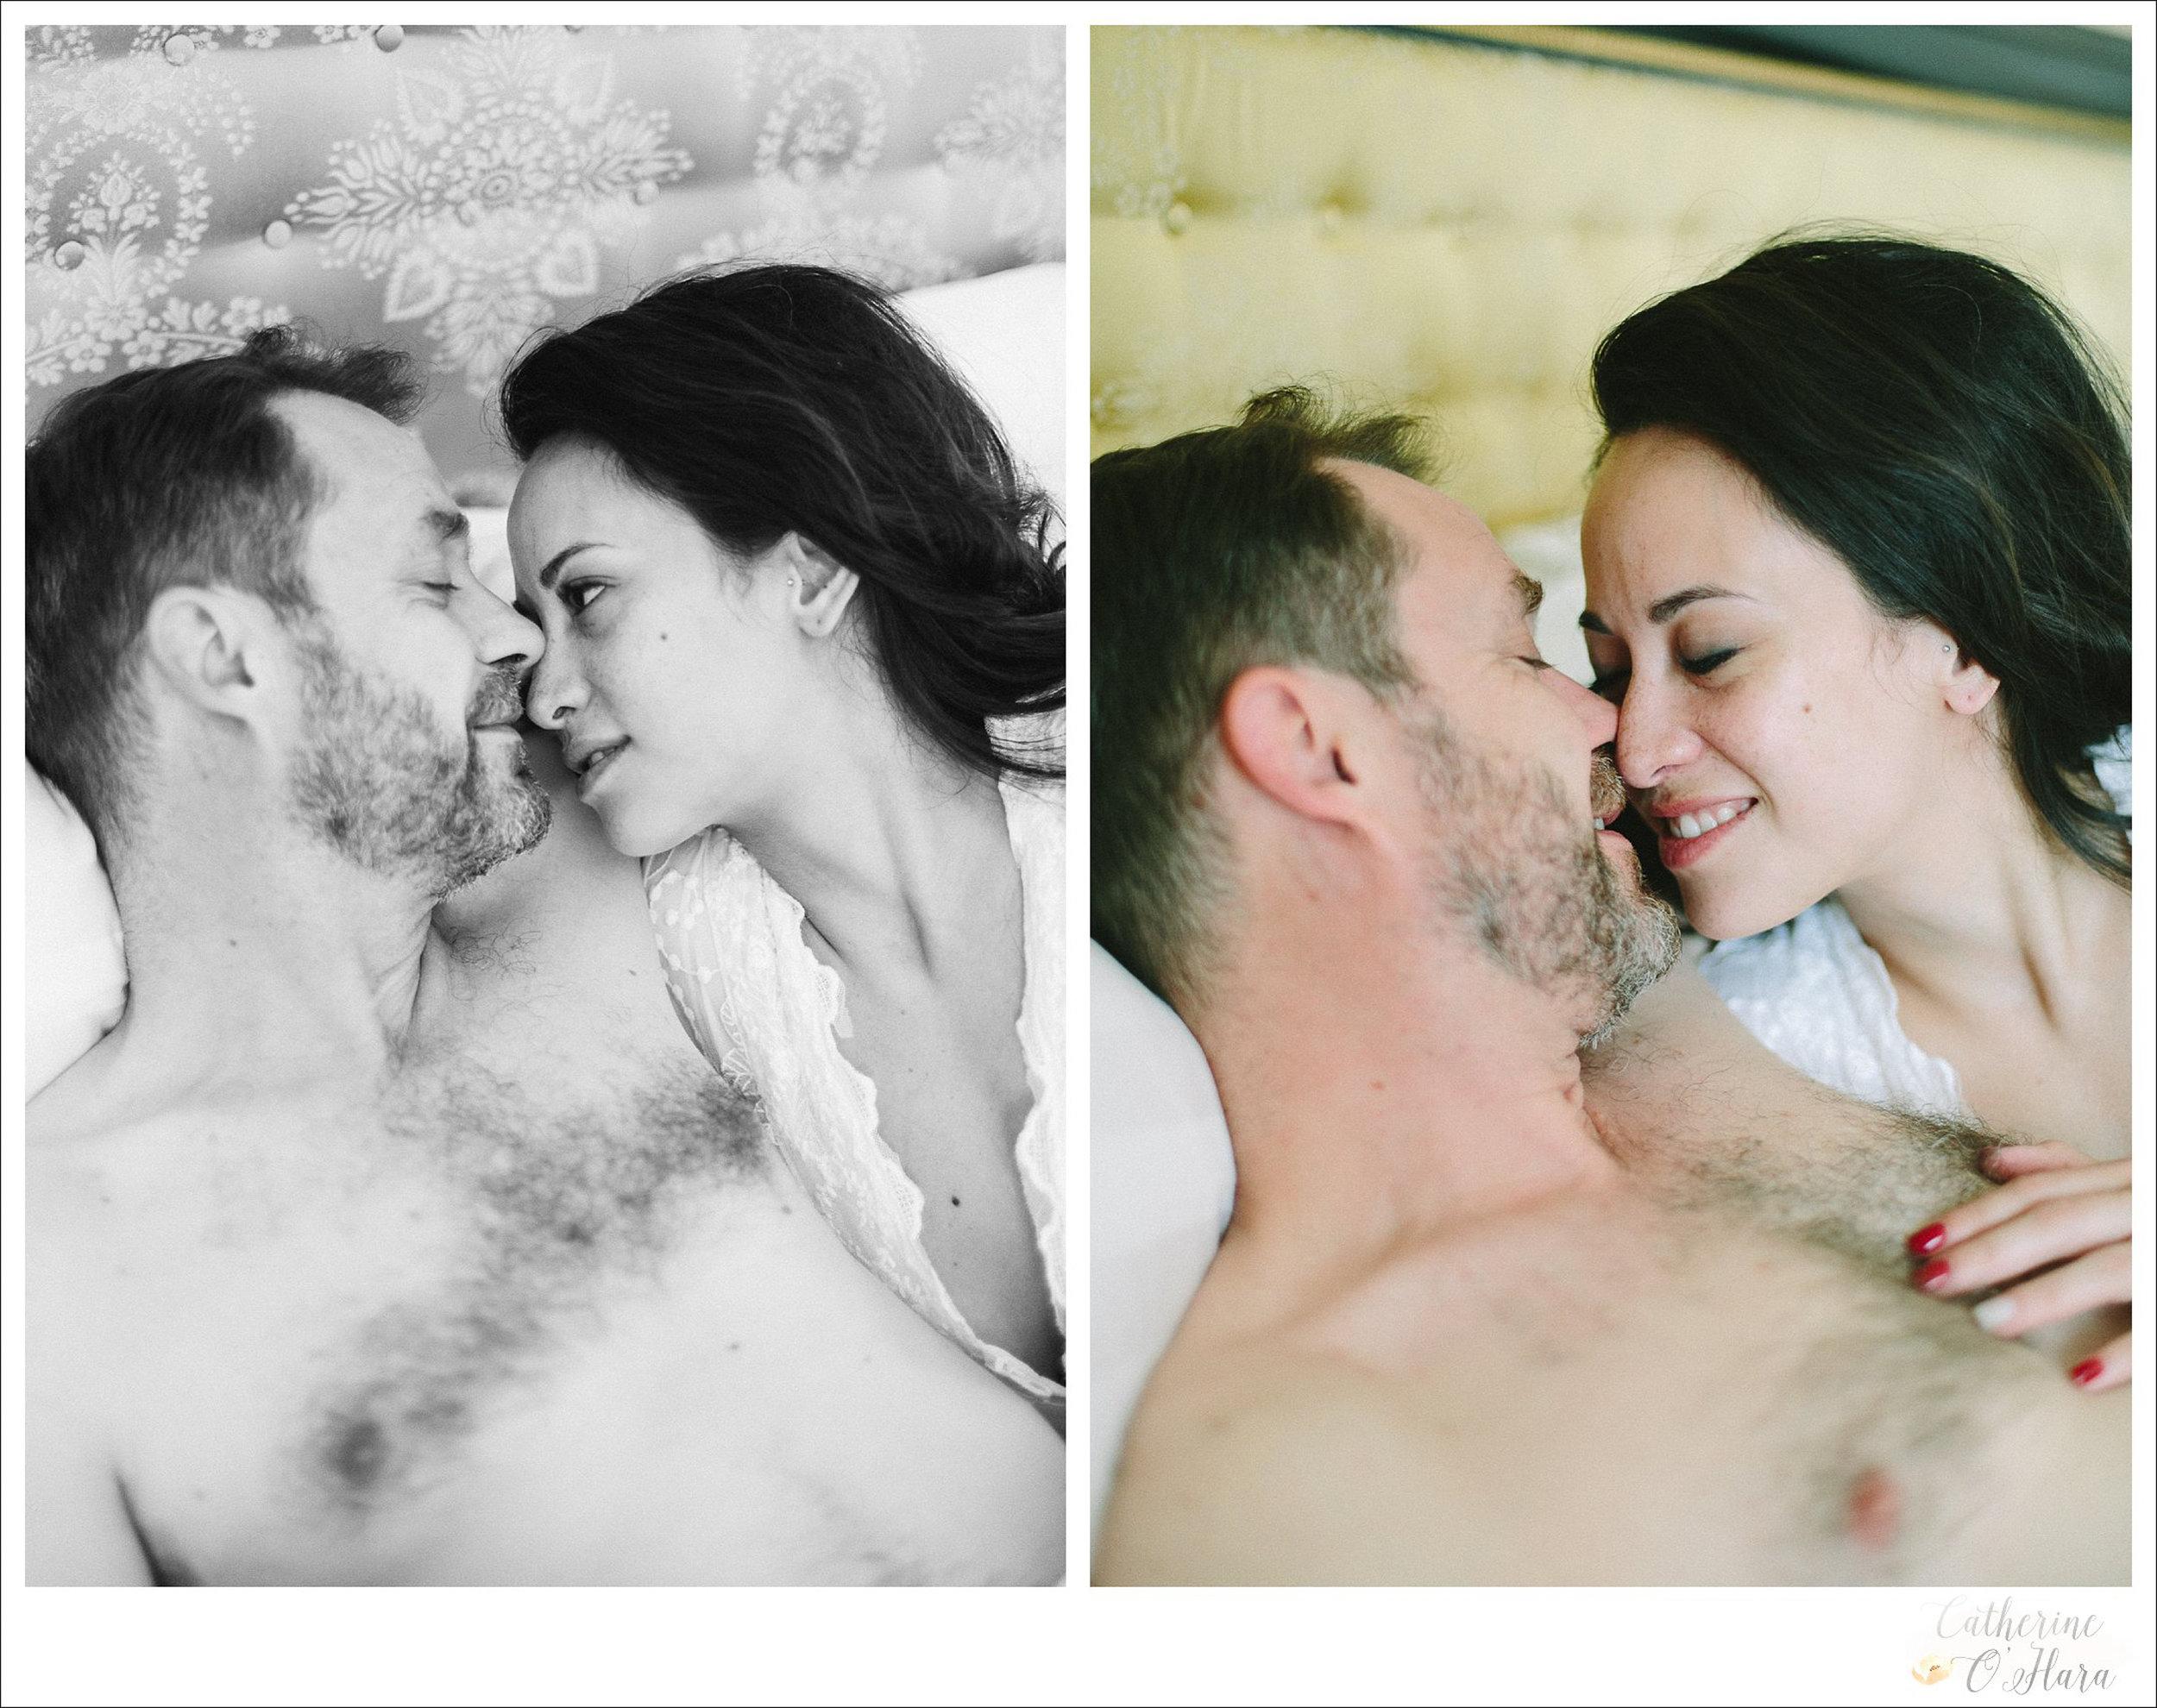 03-paris-couples-boudoir-shoot.jpg